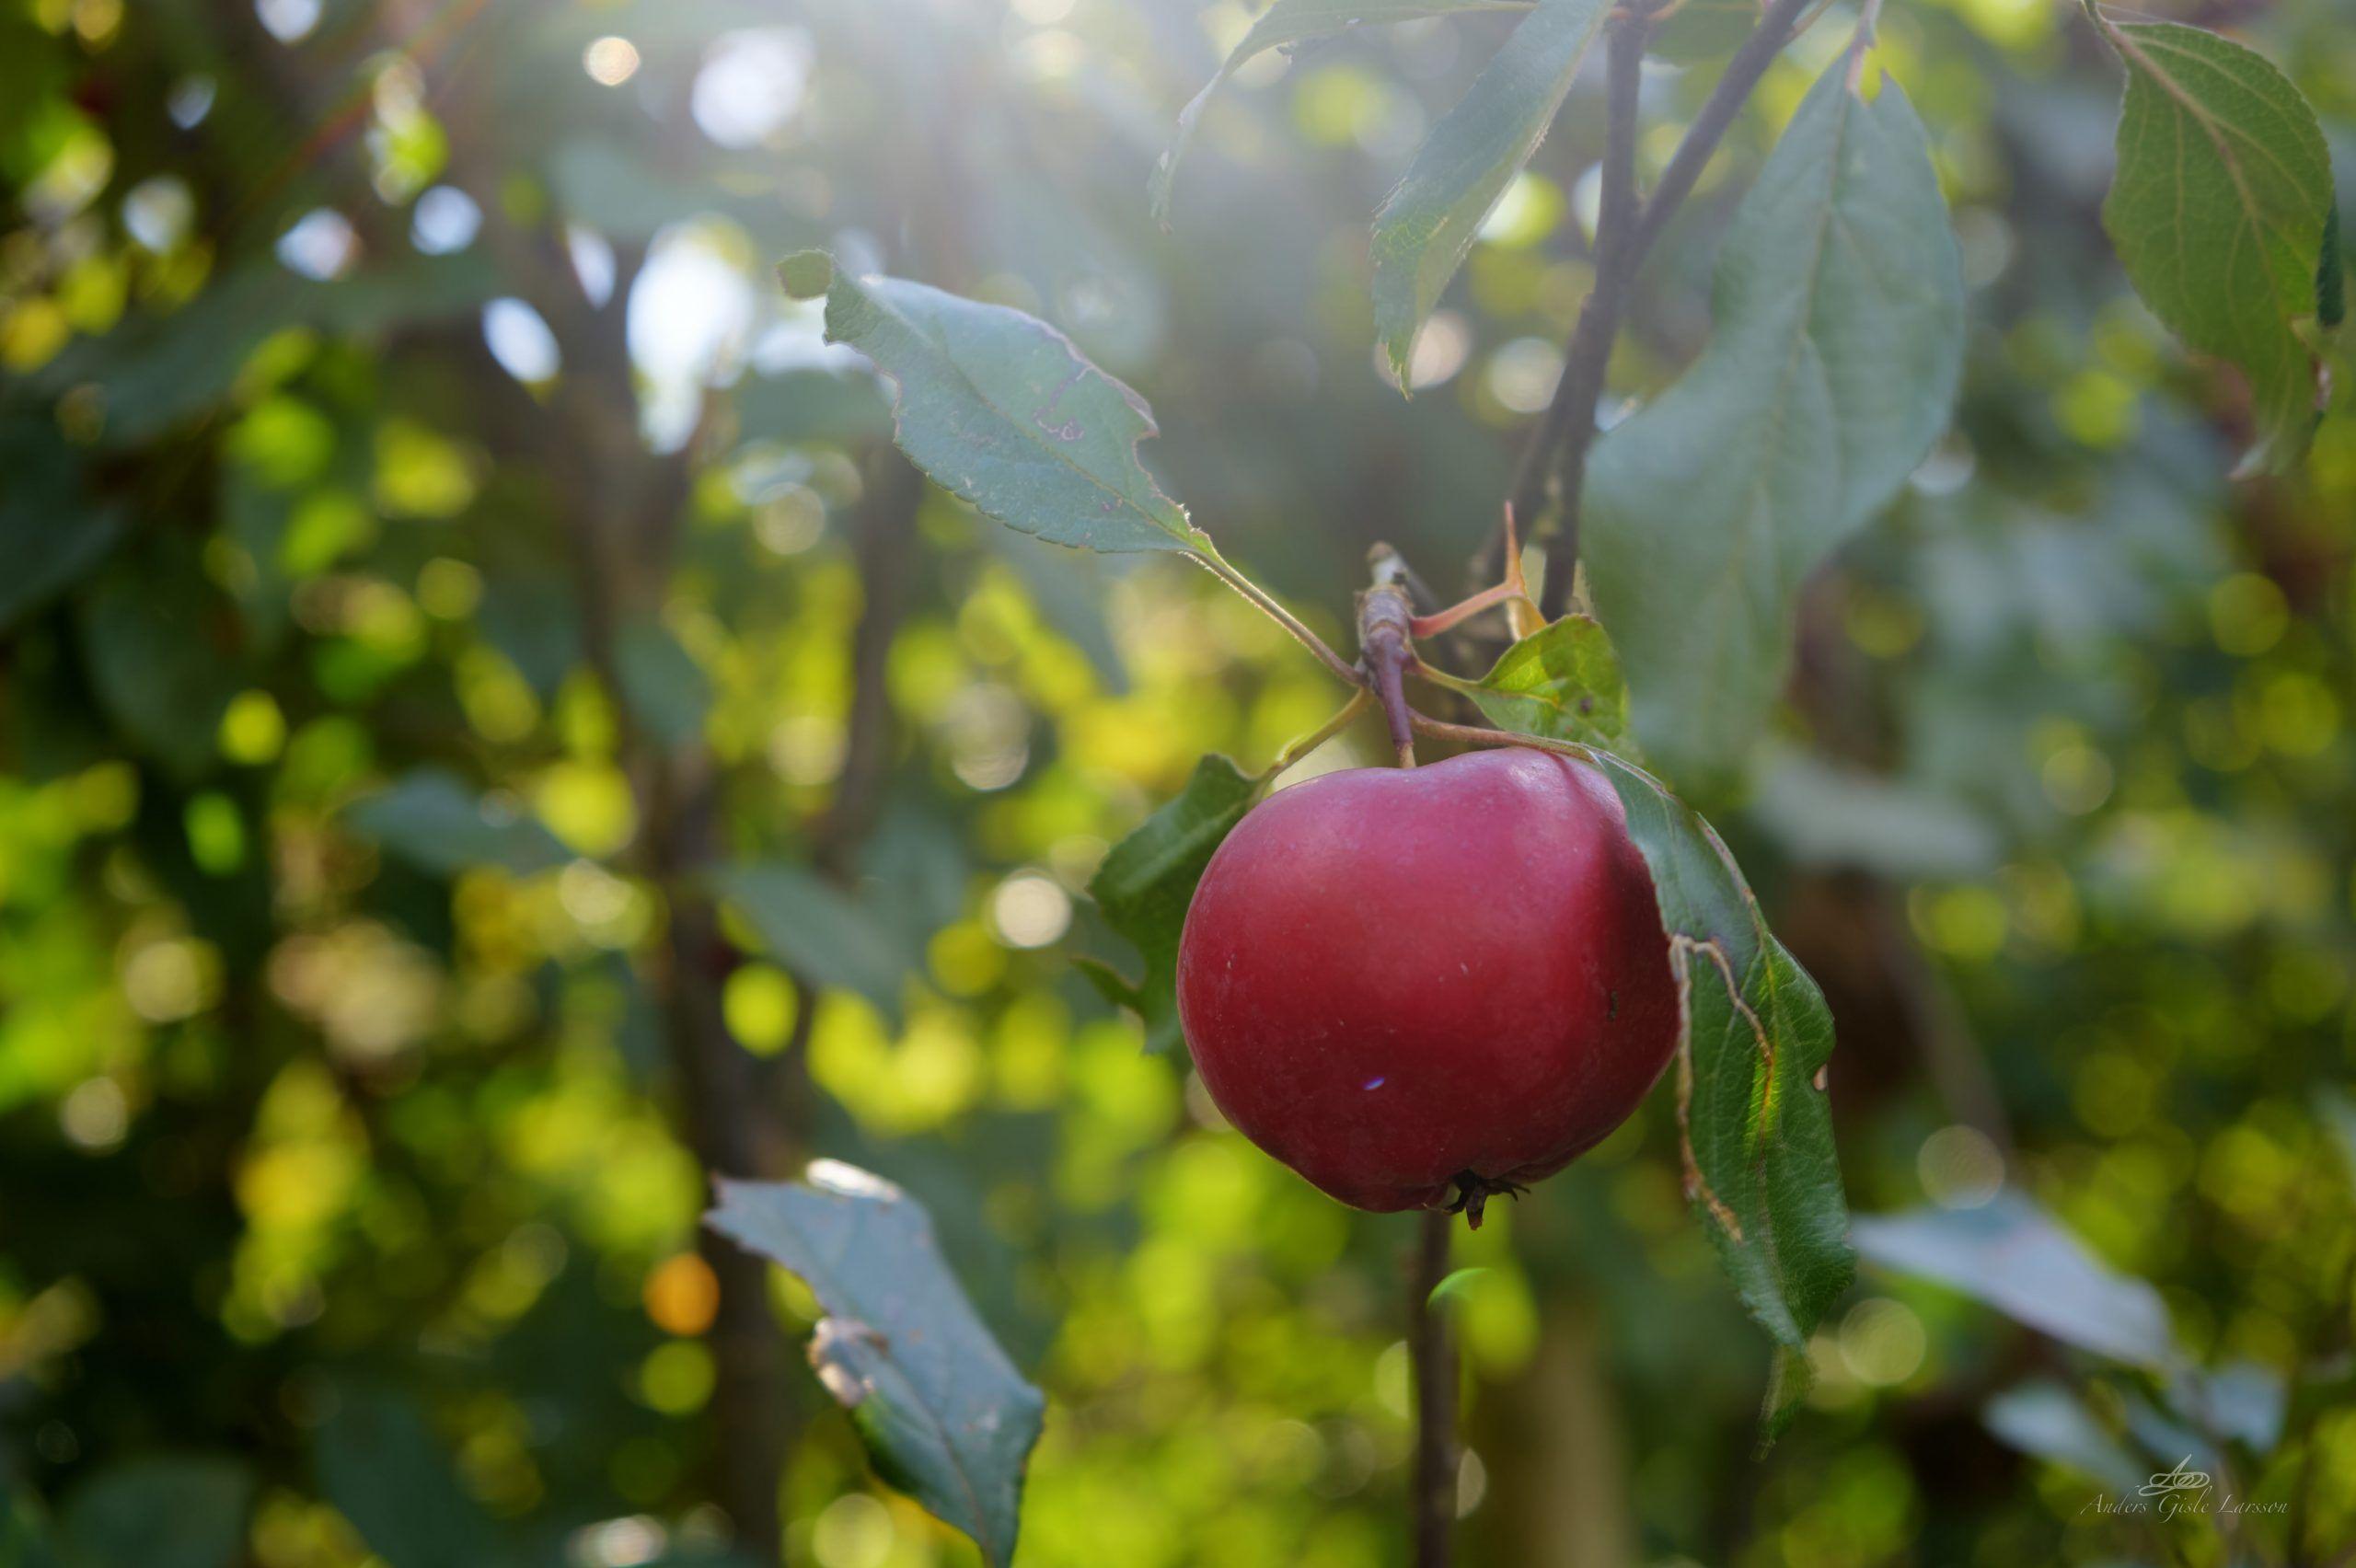 43/365, Paradis Æbler i haven, Randers